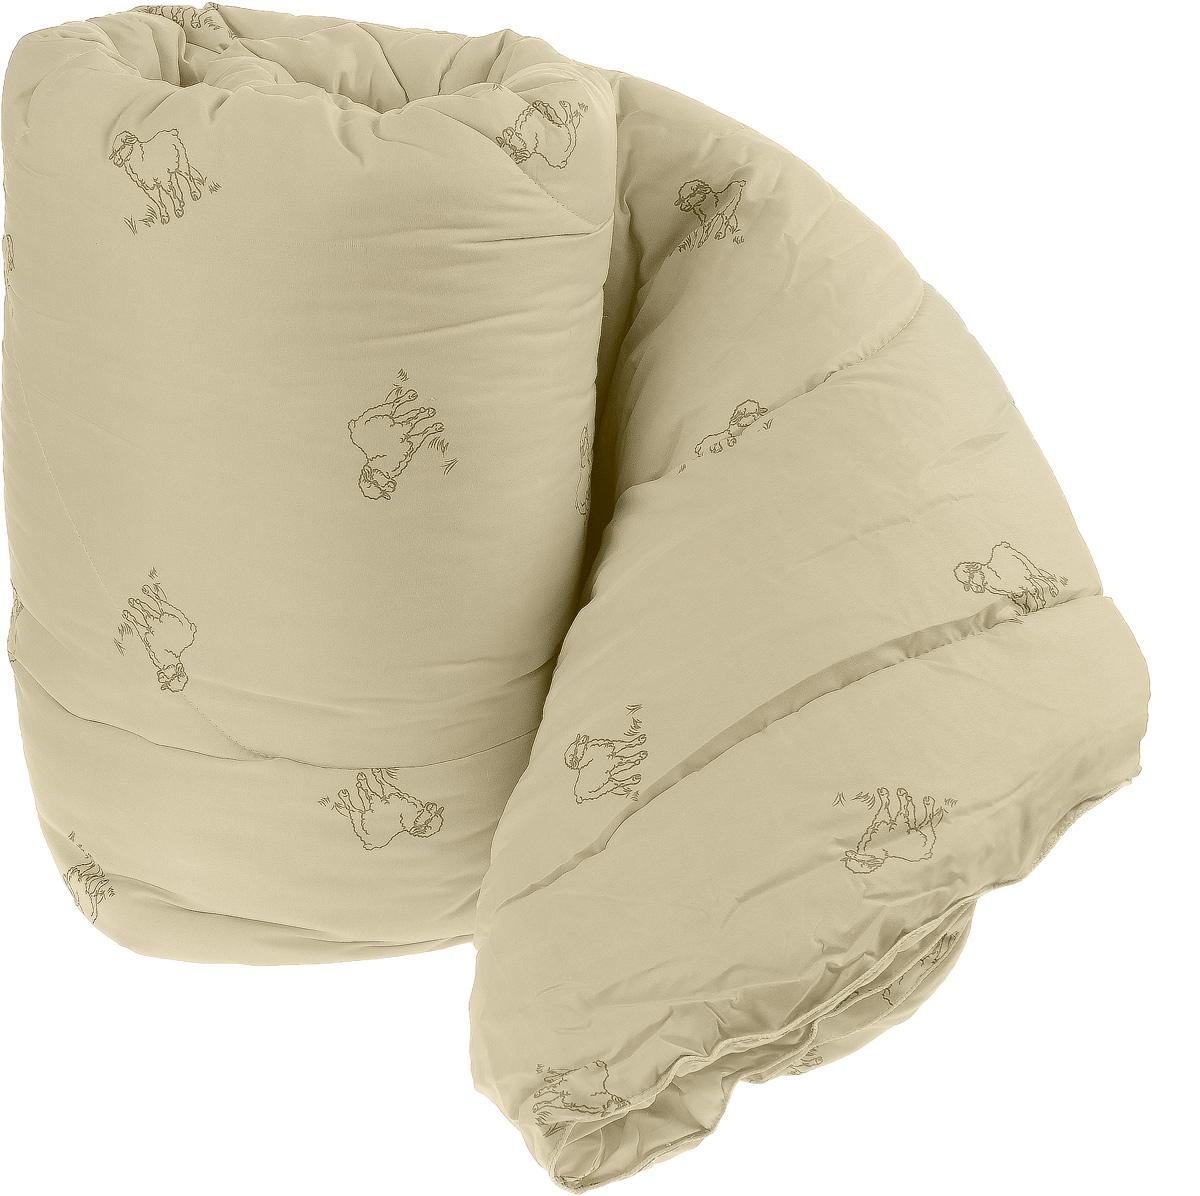 Одеяло теплое Легкие сны Золотое руно, наполнитель: овечья шерсть, цвет: в ассортименте, 200 х 220 см одеяла легкие сны одеяло перси теплое 172х205 см